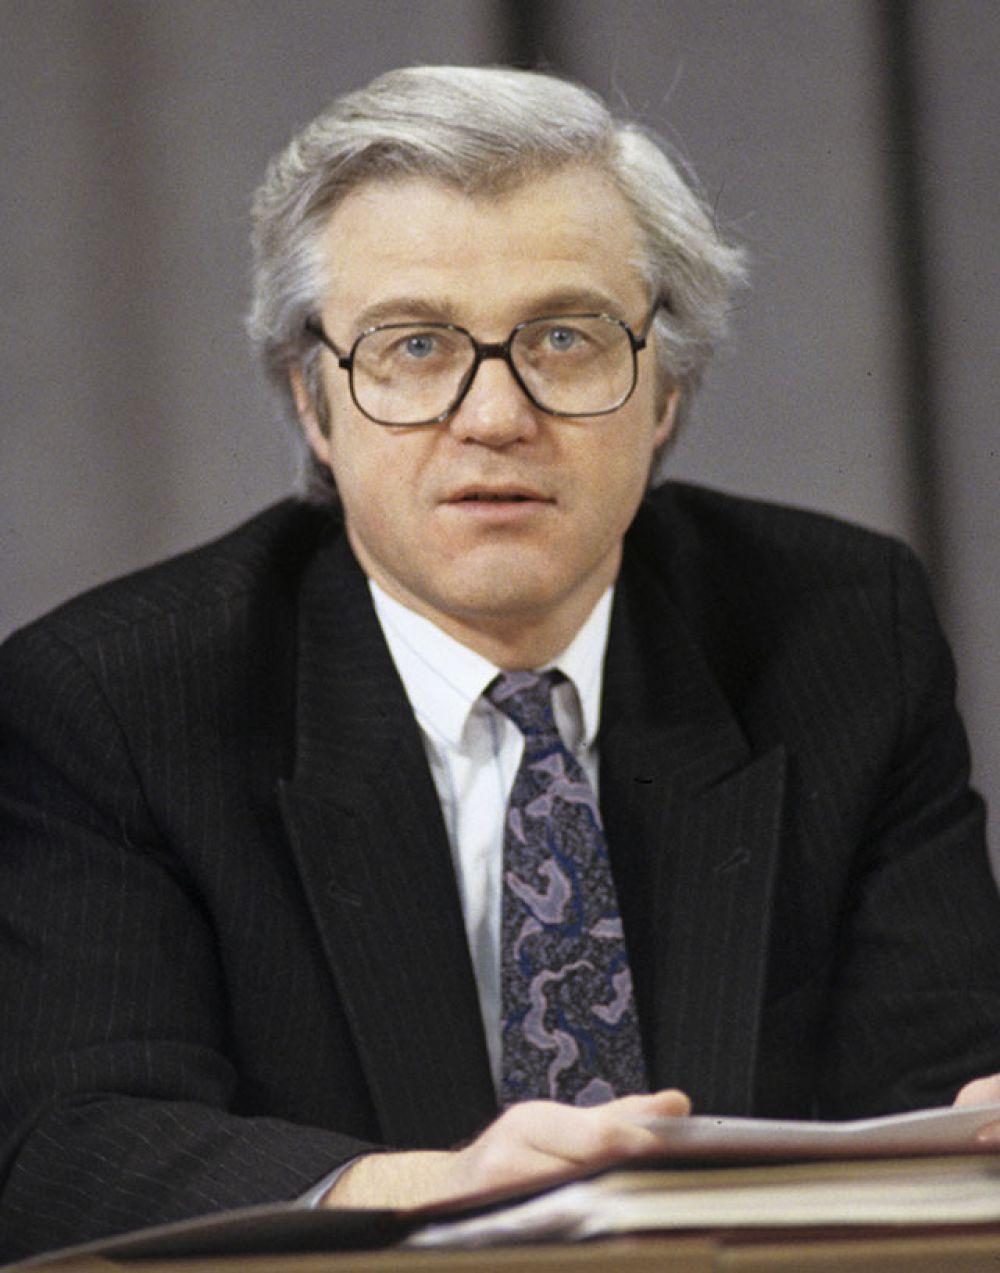 Виталий Иванович Чуркин, заместитель министра иностранных дел Российской Федерации. 1994 год.